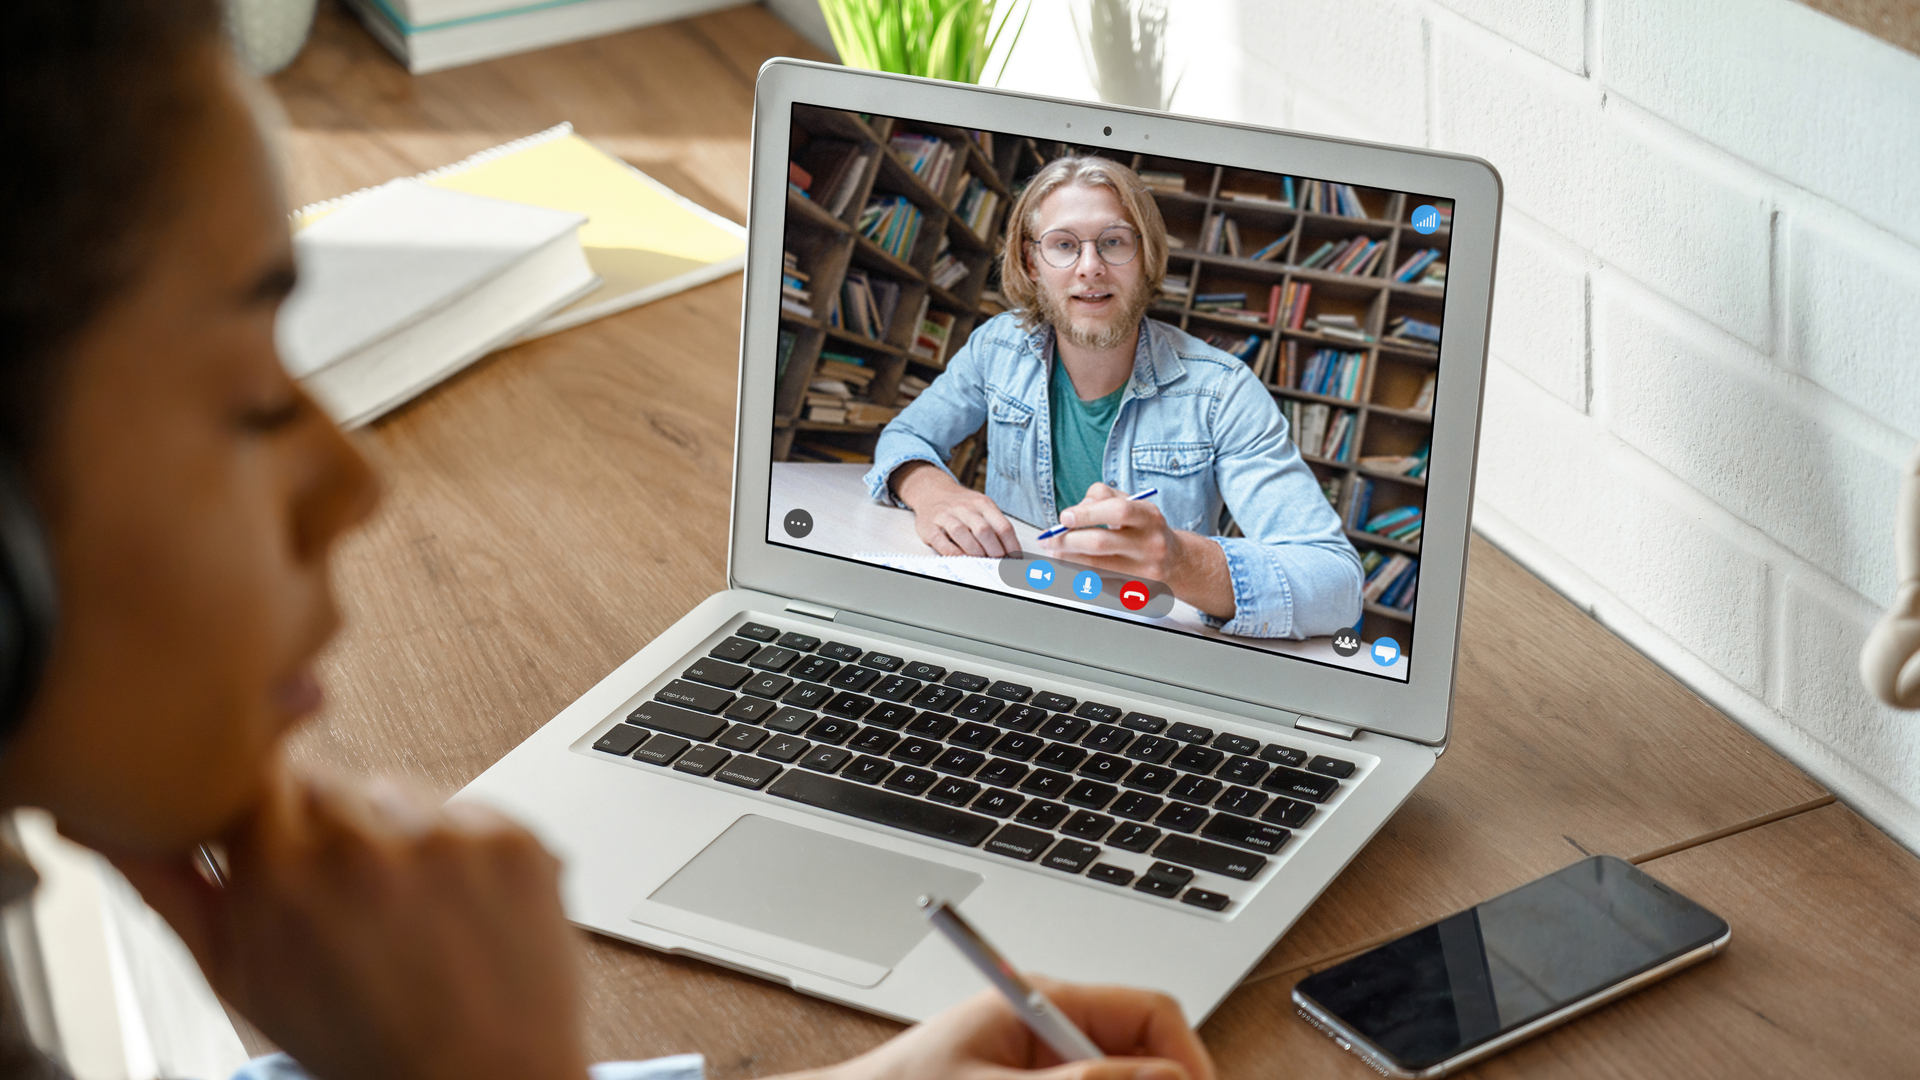 Cursos de inglês a distância podem ser a solução para quem precisa otimizar tempo para aprender um novo idioma.